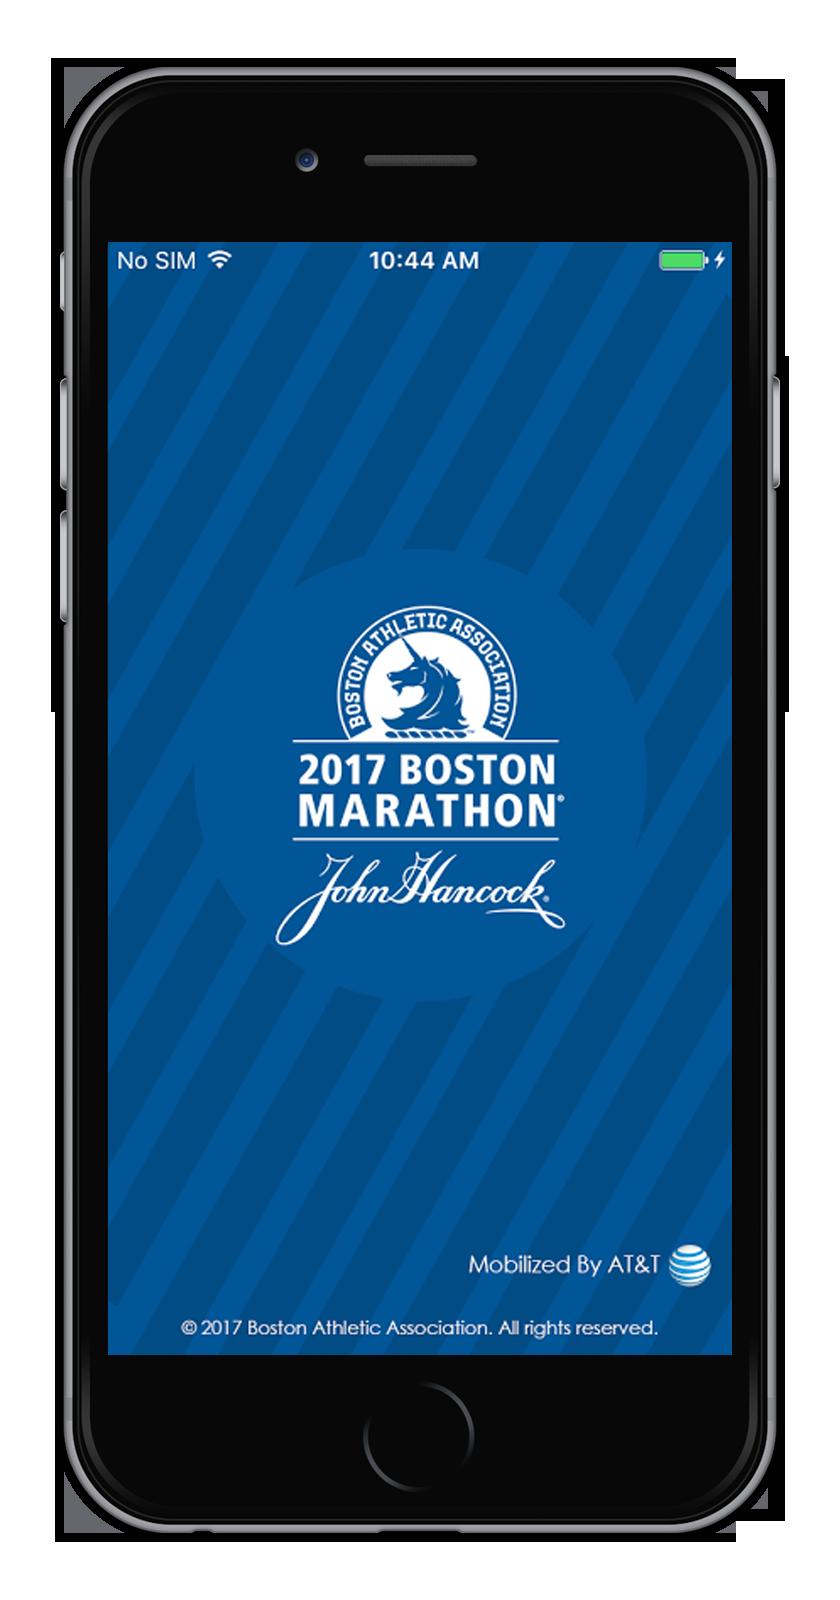 2017 Boston Marathon App